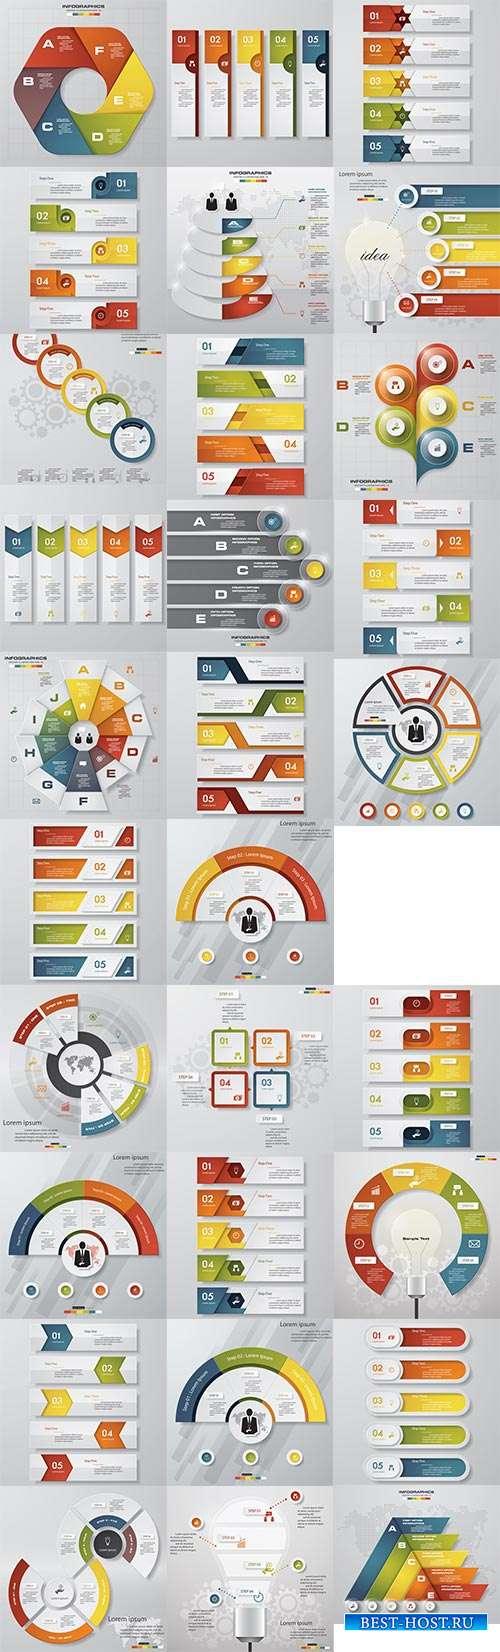 Инфографика в разных цветах - Векторный клипарт